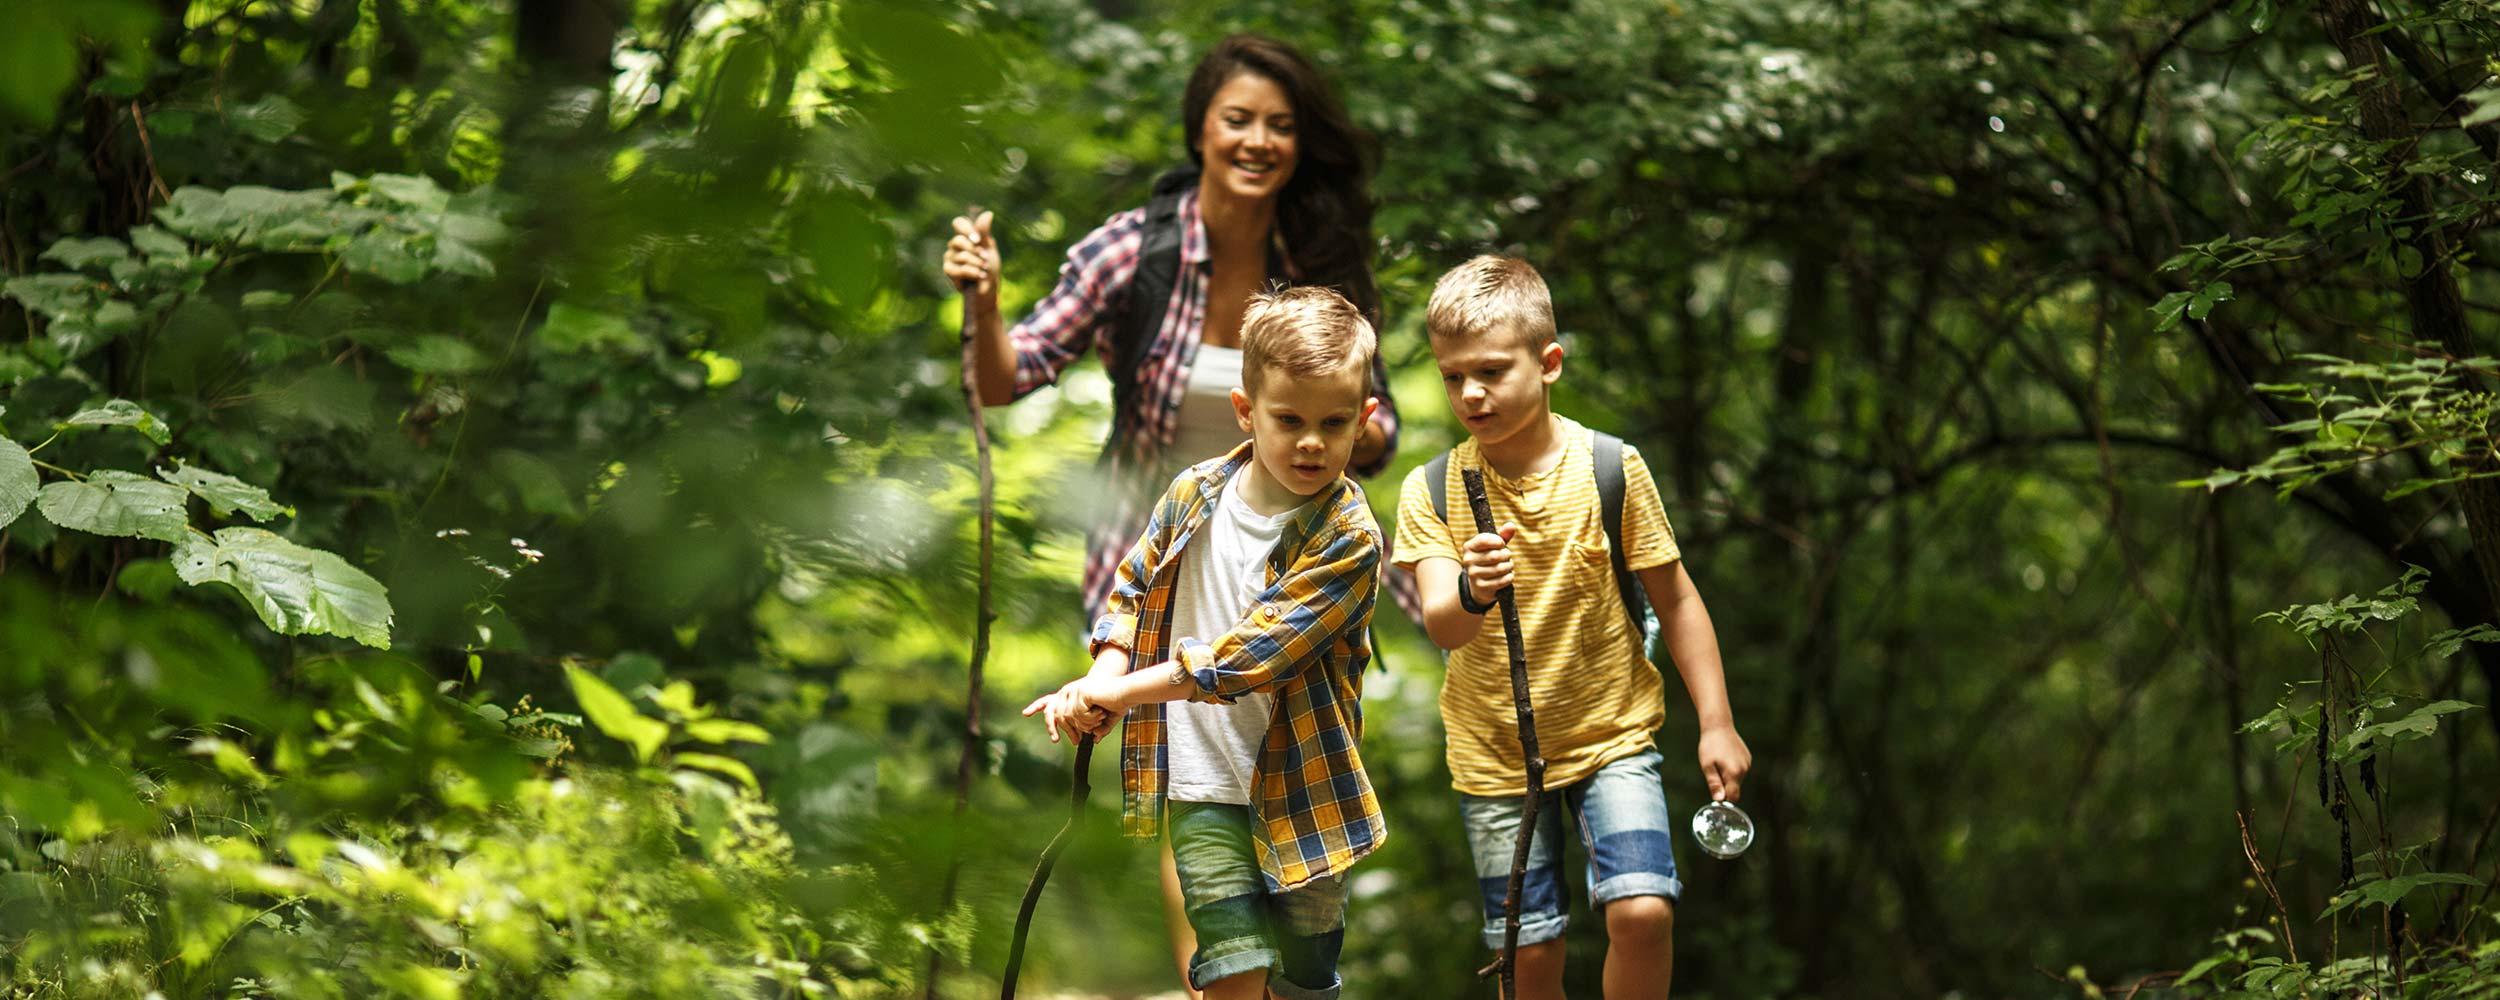 Familie im Wald bei einer Wanderung im Familienurlaub | Oberhof Hotel Urlaub im Thüringenschanze